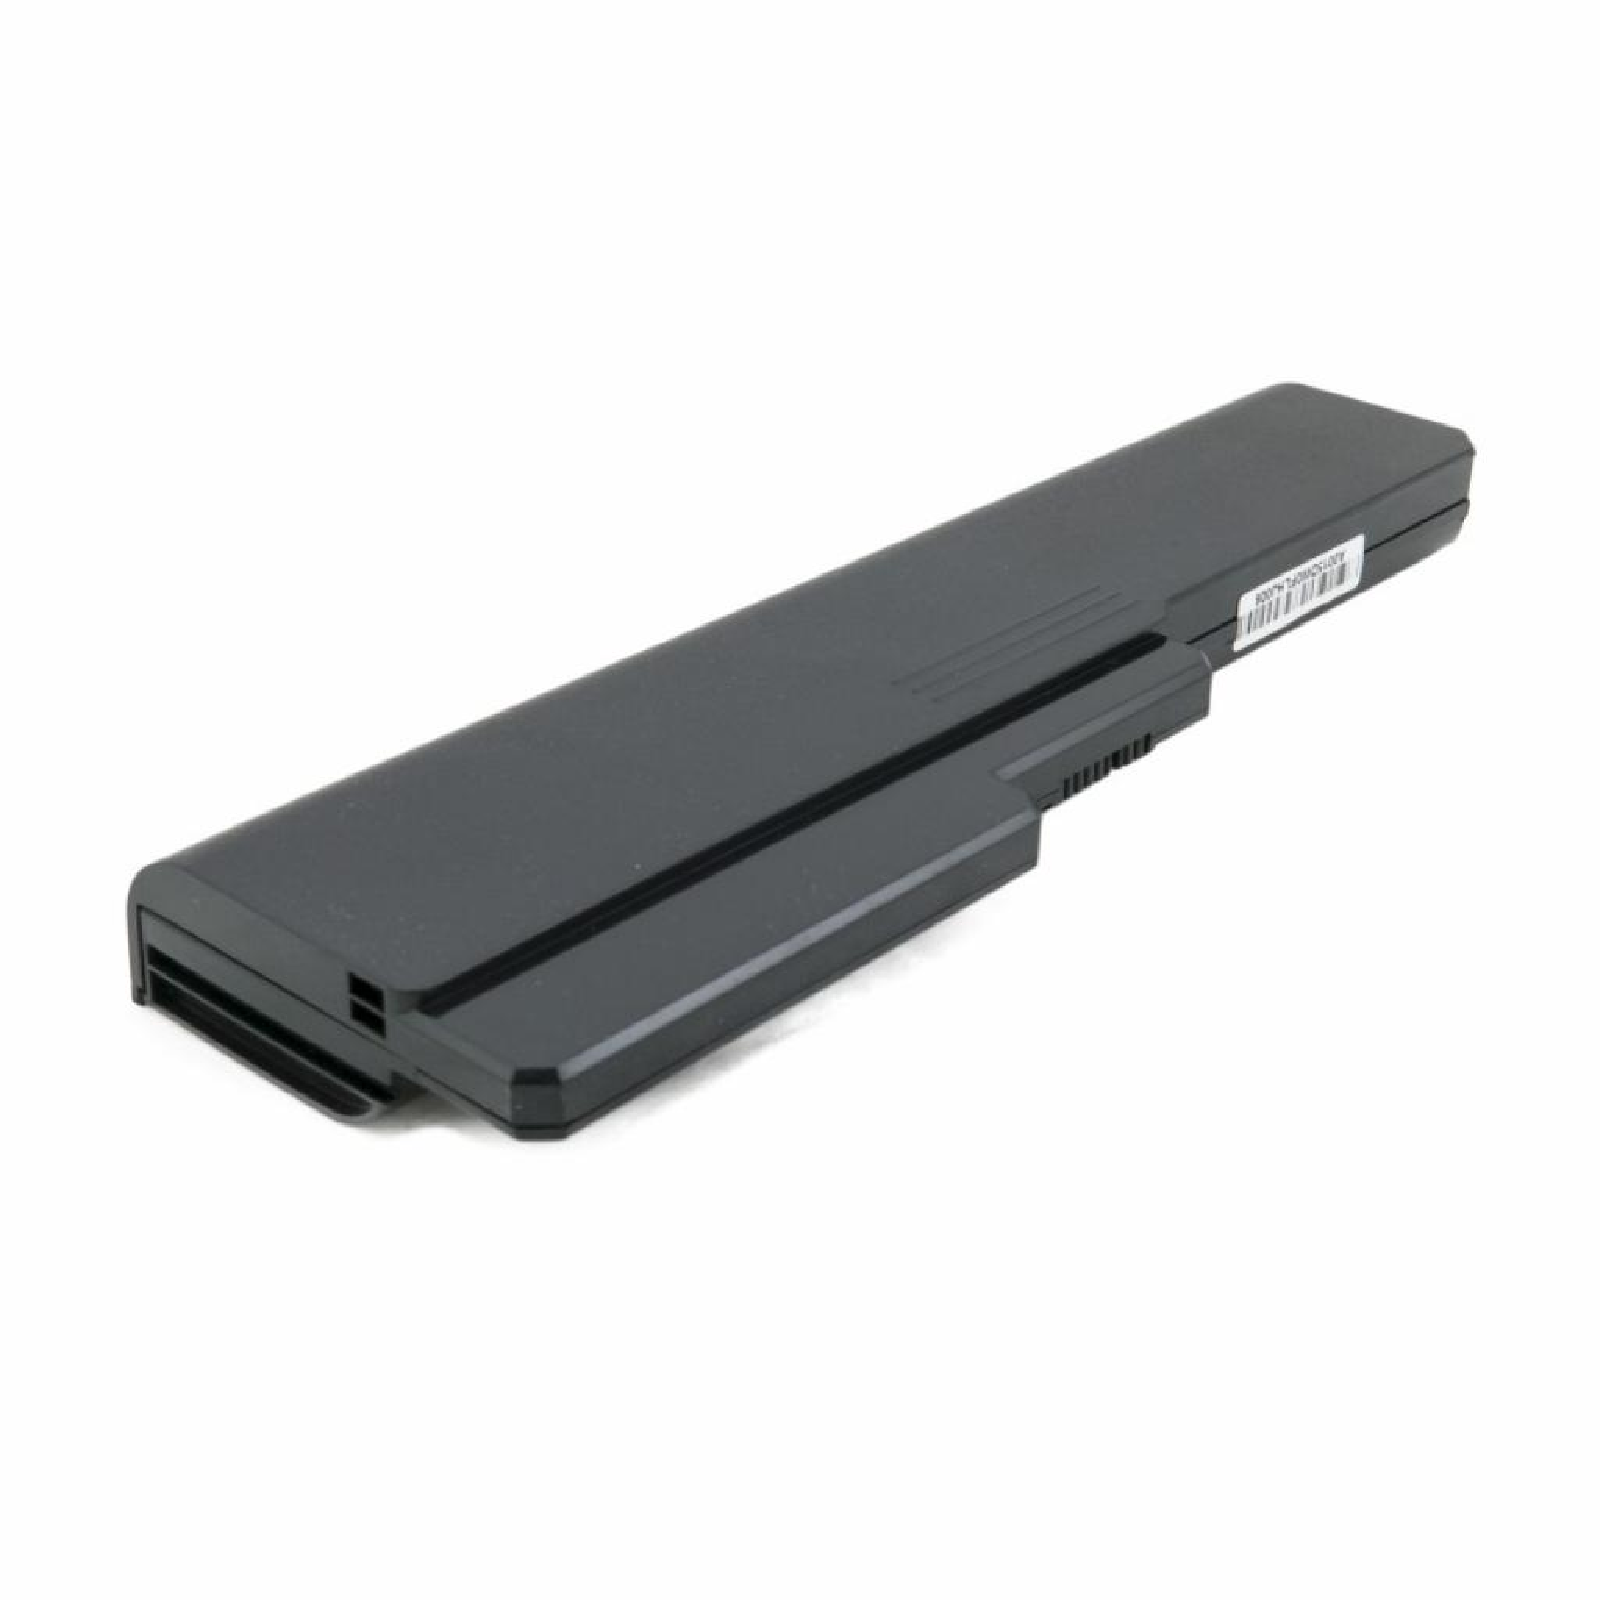 Аккумулятор для ноутбука Lenovo IdeaPad G550, 5200 mAh EXTRADIGITAL (BNL3953) изображение 3